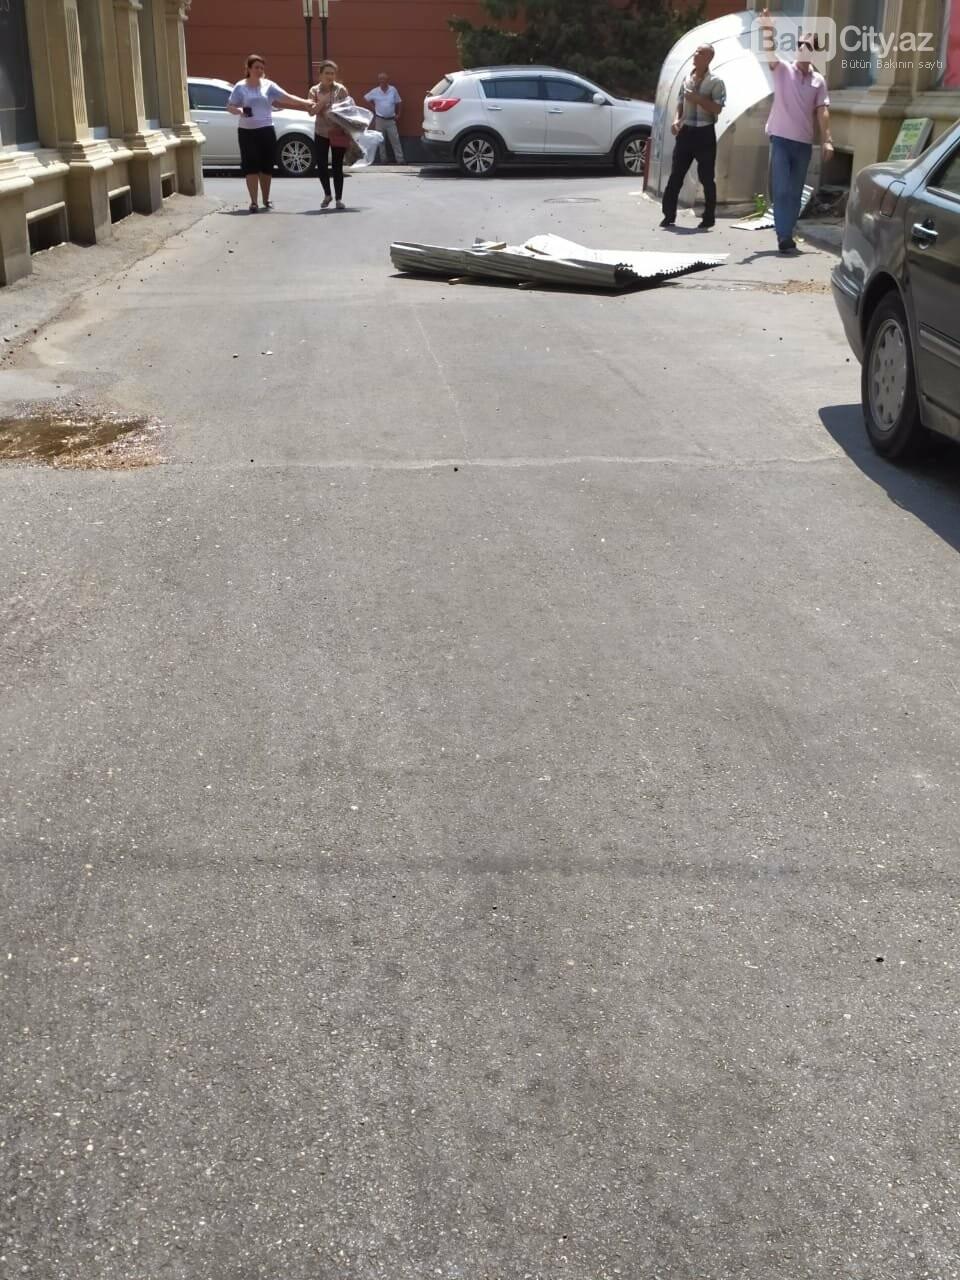 Güclü külək Bakıda binanın dam örtüyünü uçurdu - FOTO, fotoşəkil-2